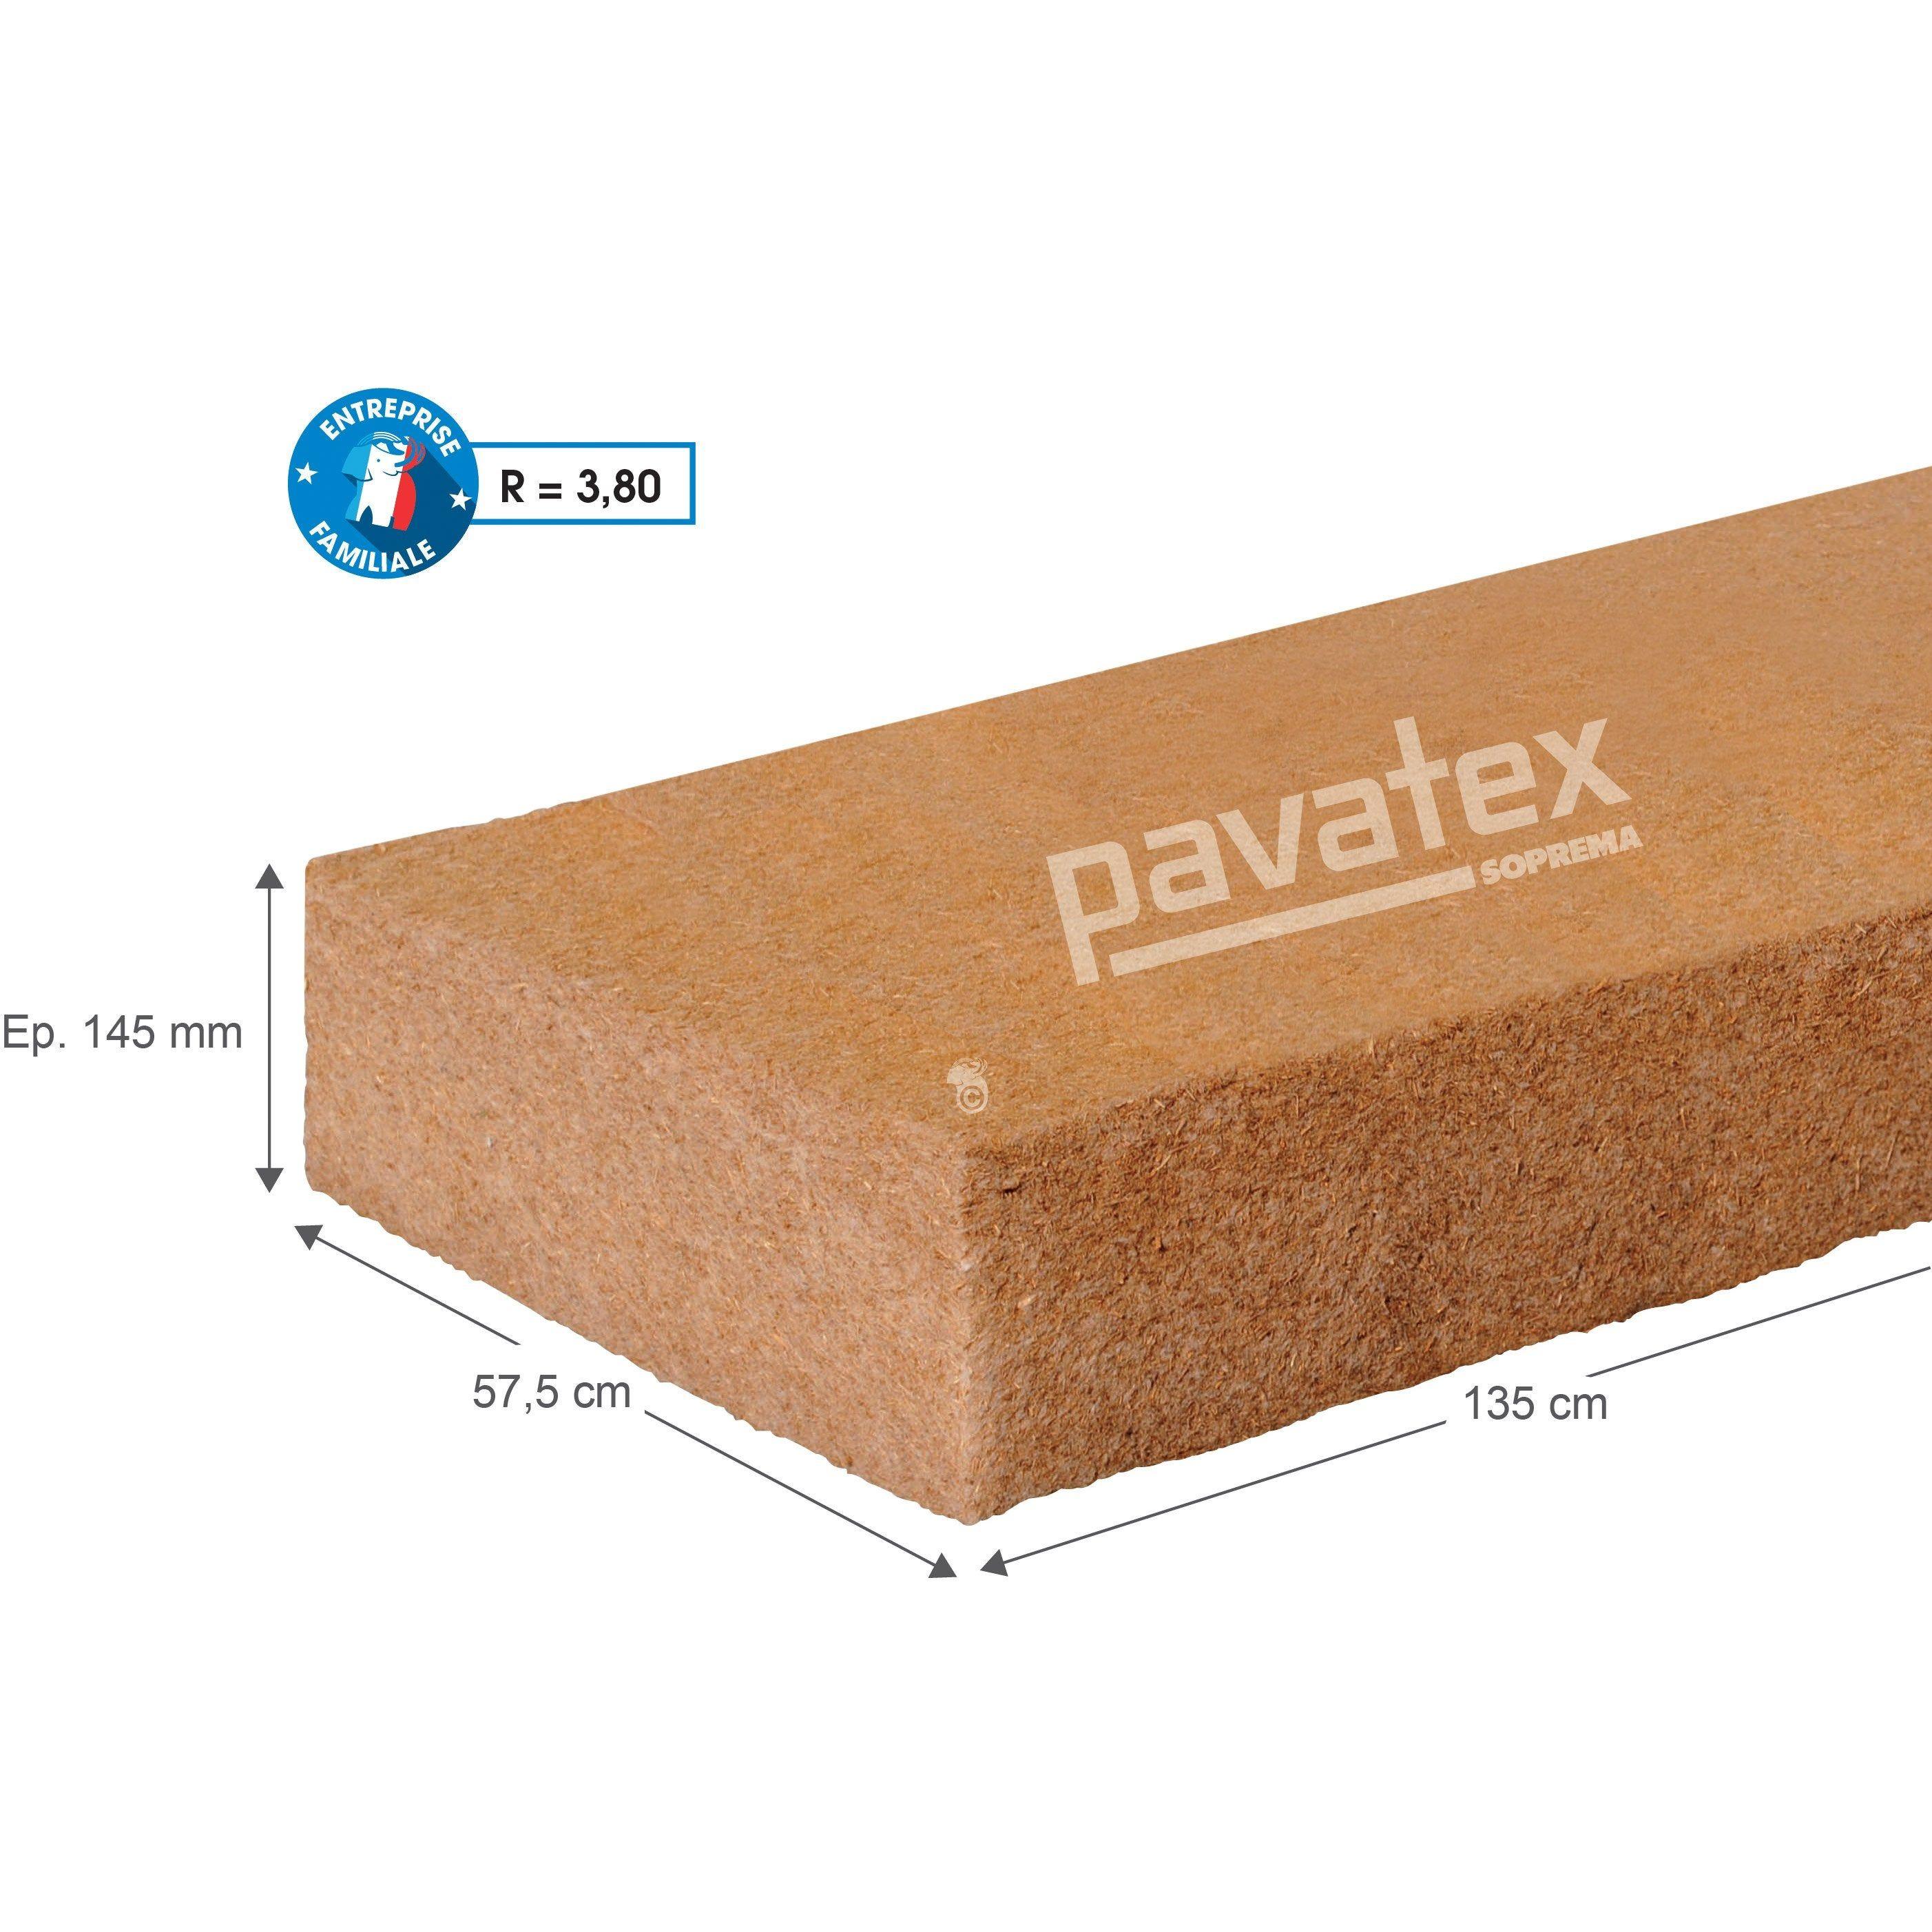 4 Panneaux Fibre De Bois Pavatex L 0 575 X L 1 22 M X Ep 145 Mm Panneau Fibre De Bois Fibre Et Bois